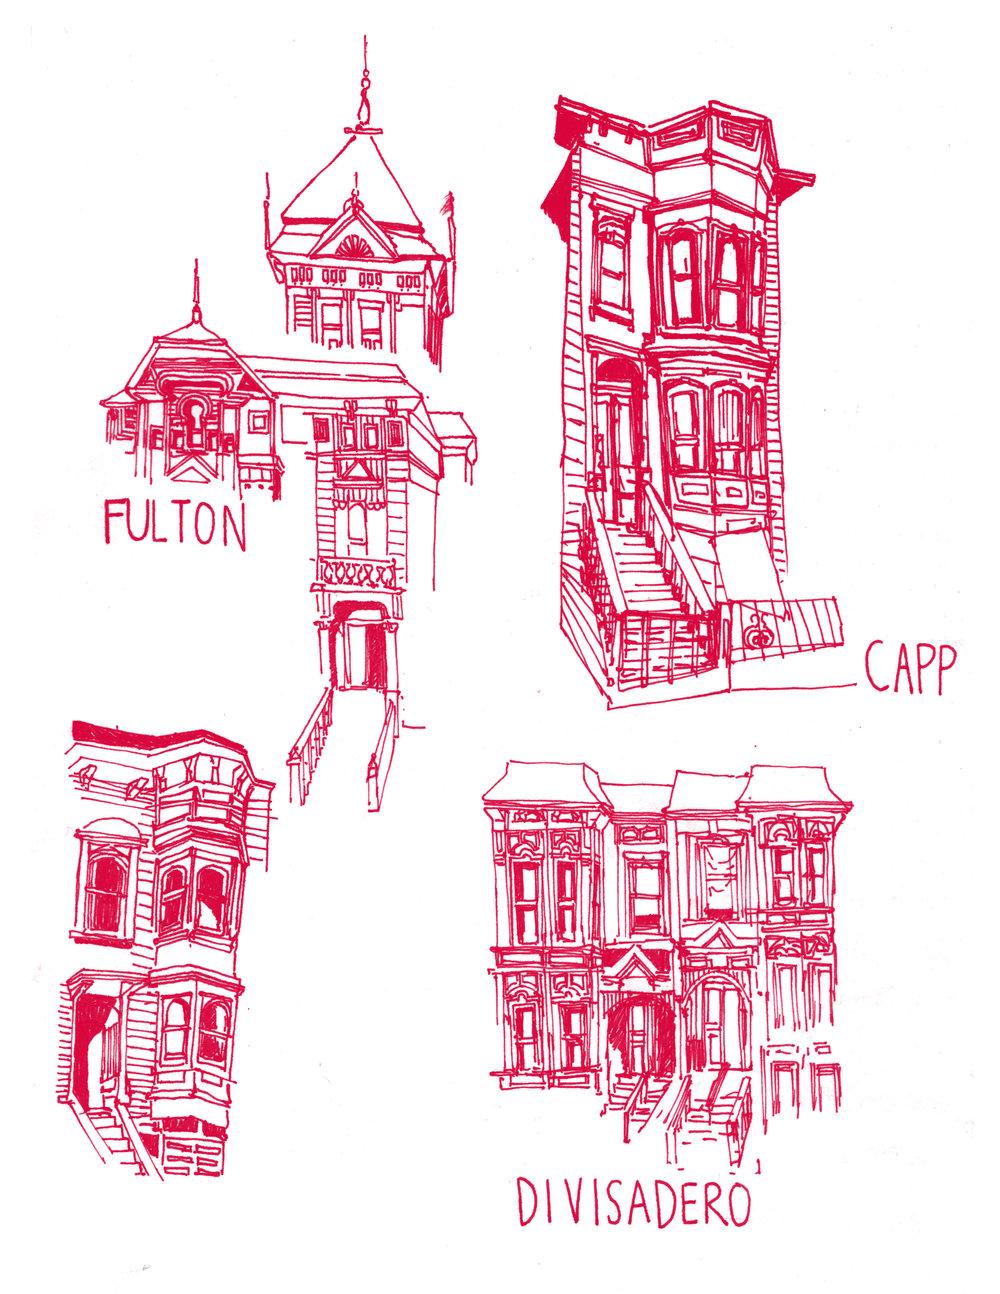 sfhouses-redt.jpg